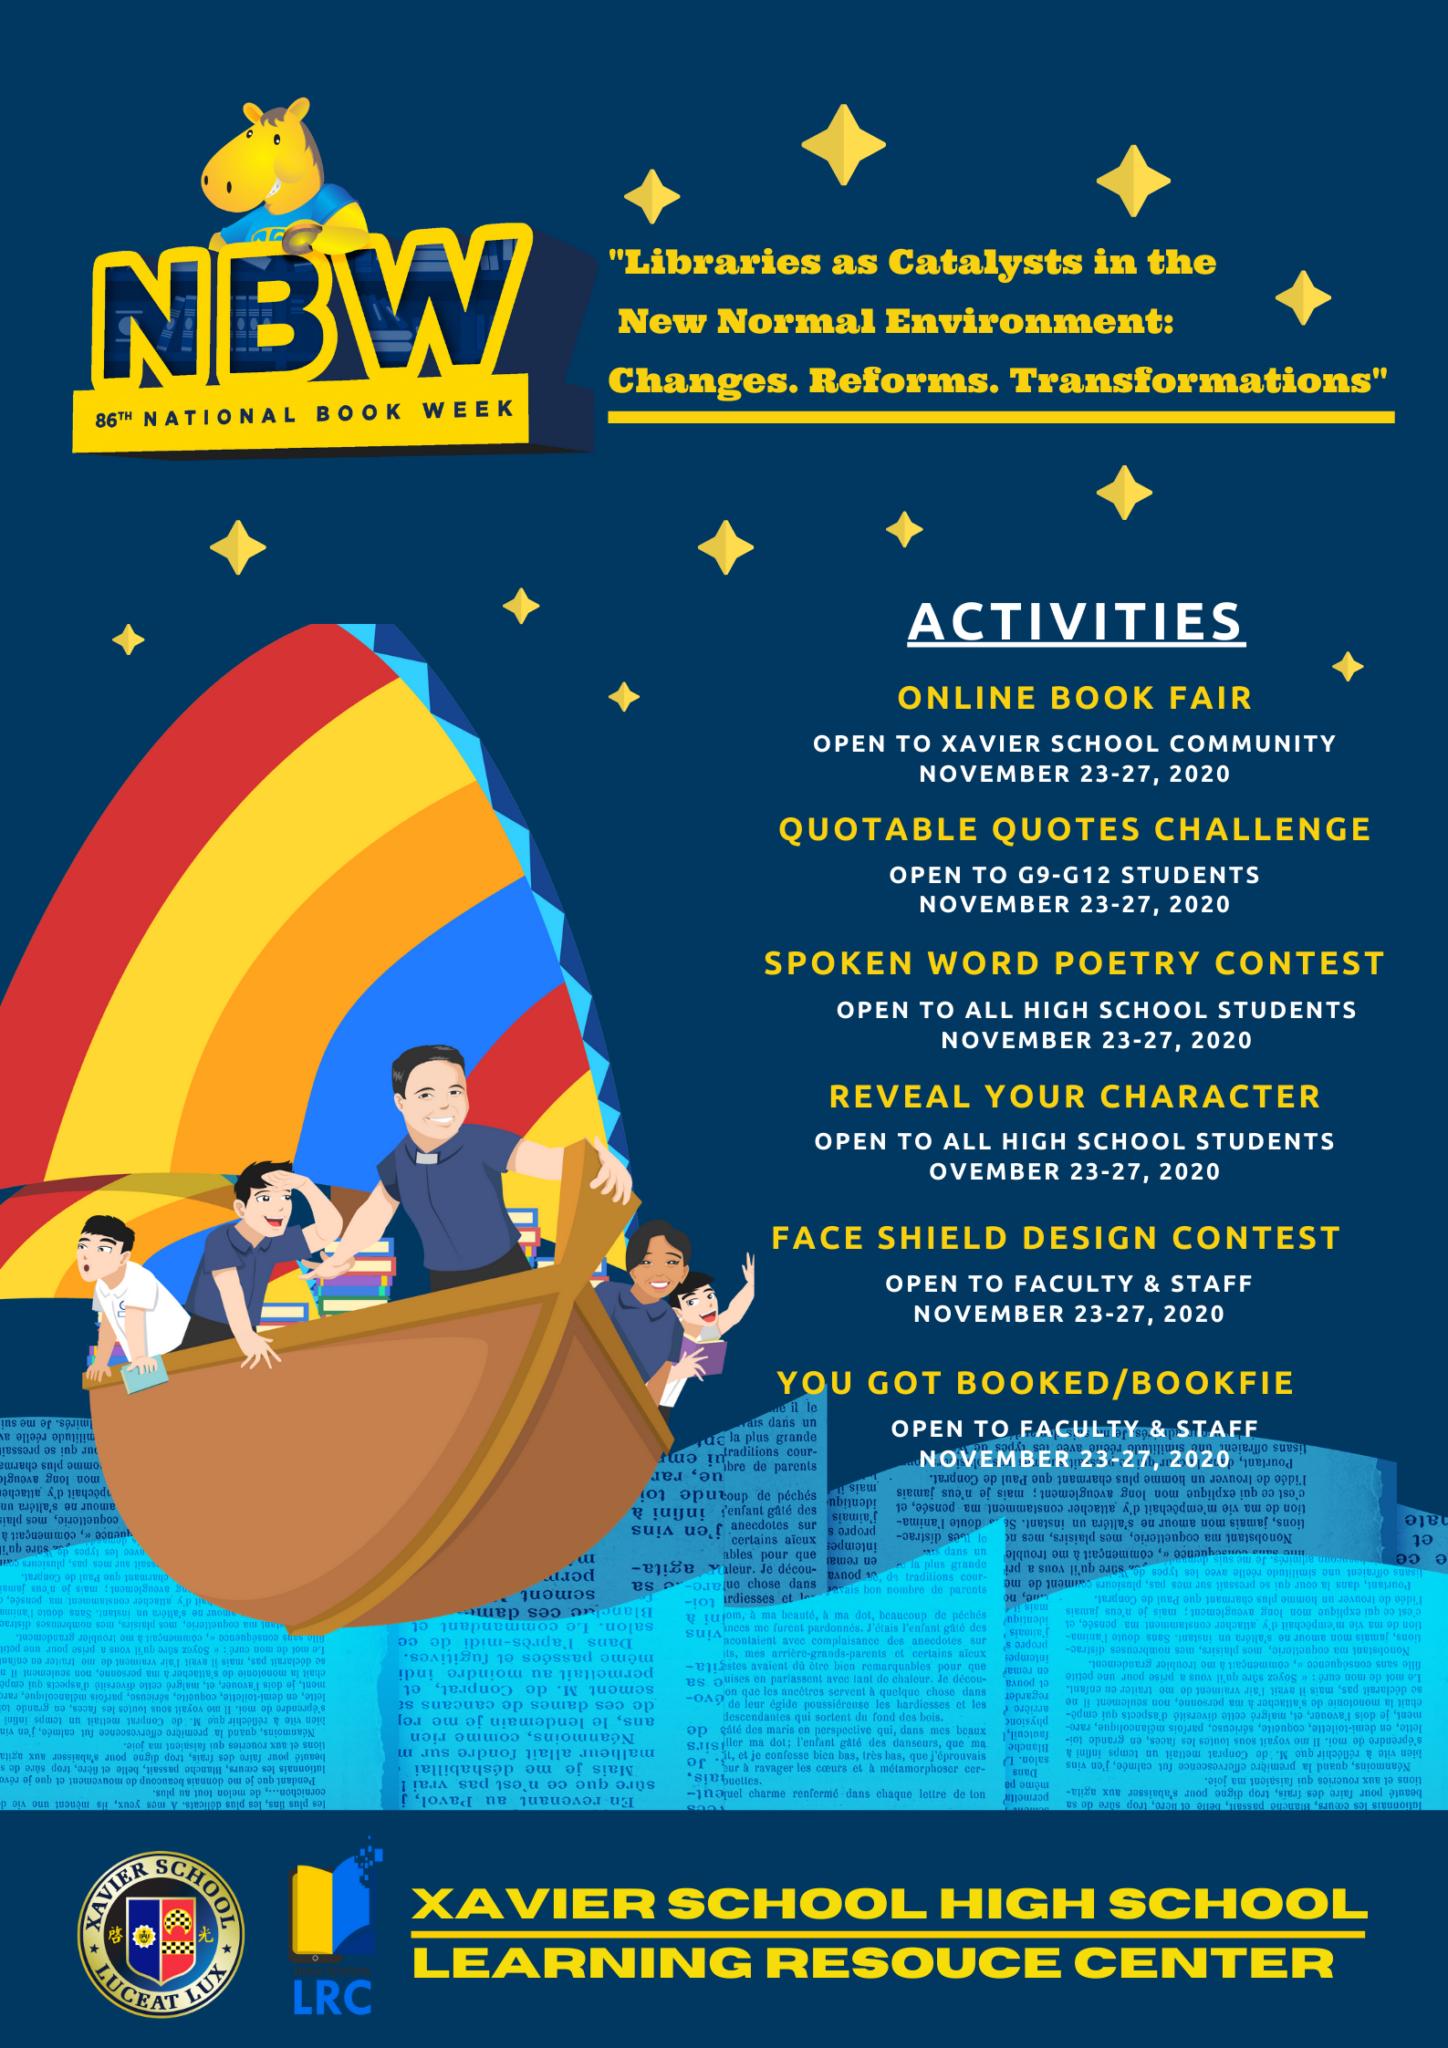 NBW 2020_Activities